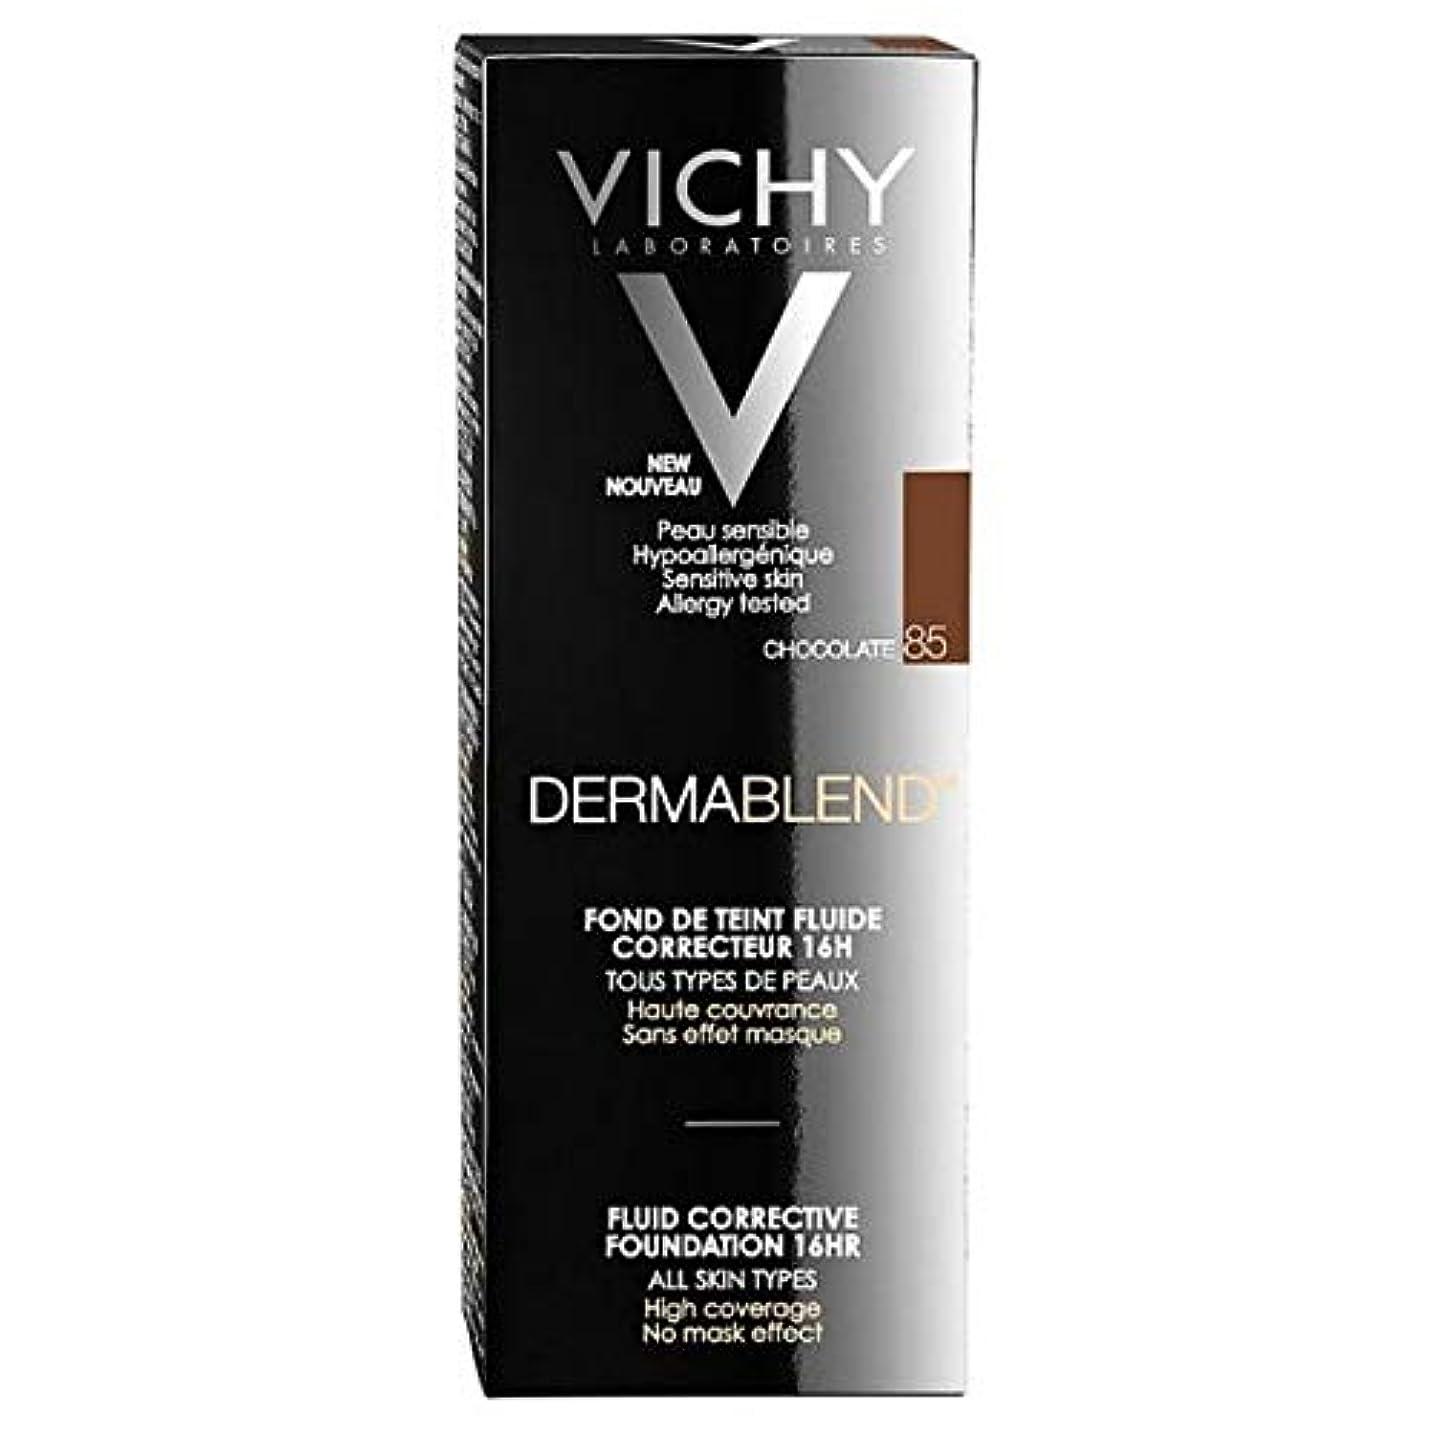 果てしない磁気順応性[Vichy ] ヴィシーDermablend流体是正基盤85 30ミリリットル - Vichy Dermablend Fluid Corrective Foundation 85 30ml [並行輸入品]